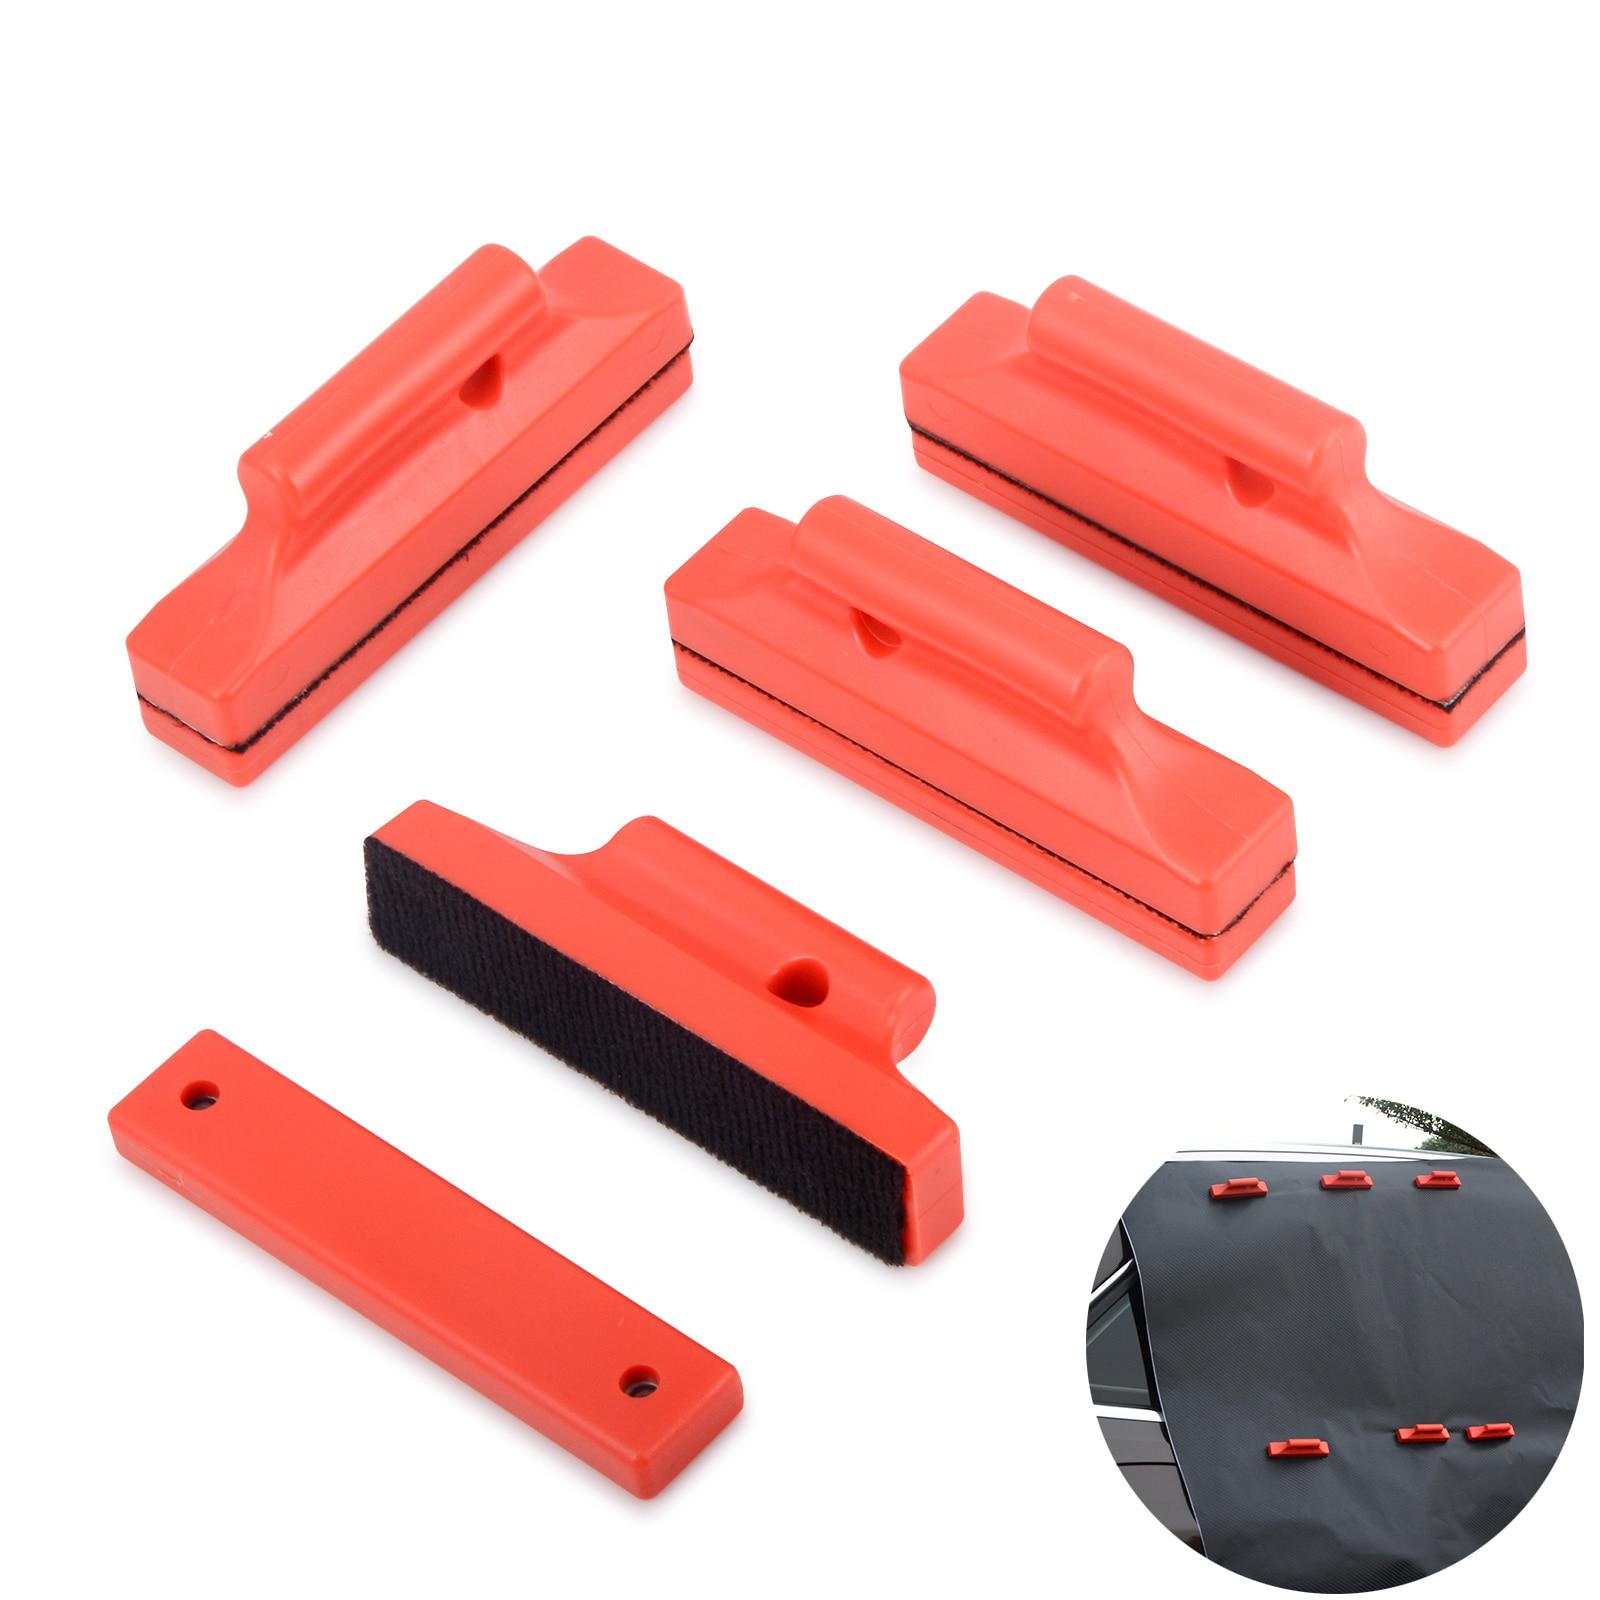 EHDIS автомобильный магнитный держатель, Тонировочная виниловая пленка для окон, крепкая Магнитная захватывающая Автомобильная наклейка, фи...